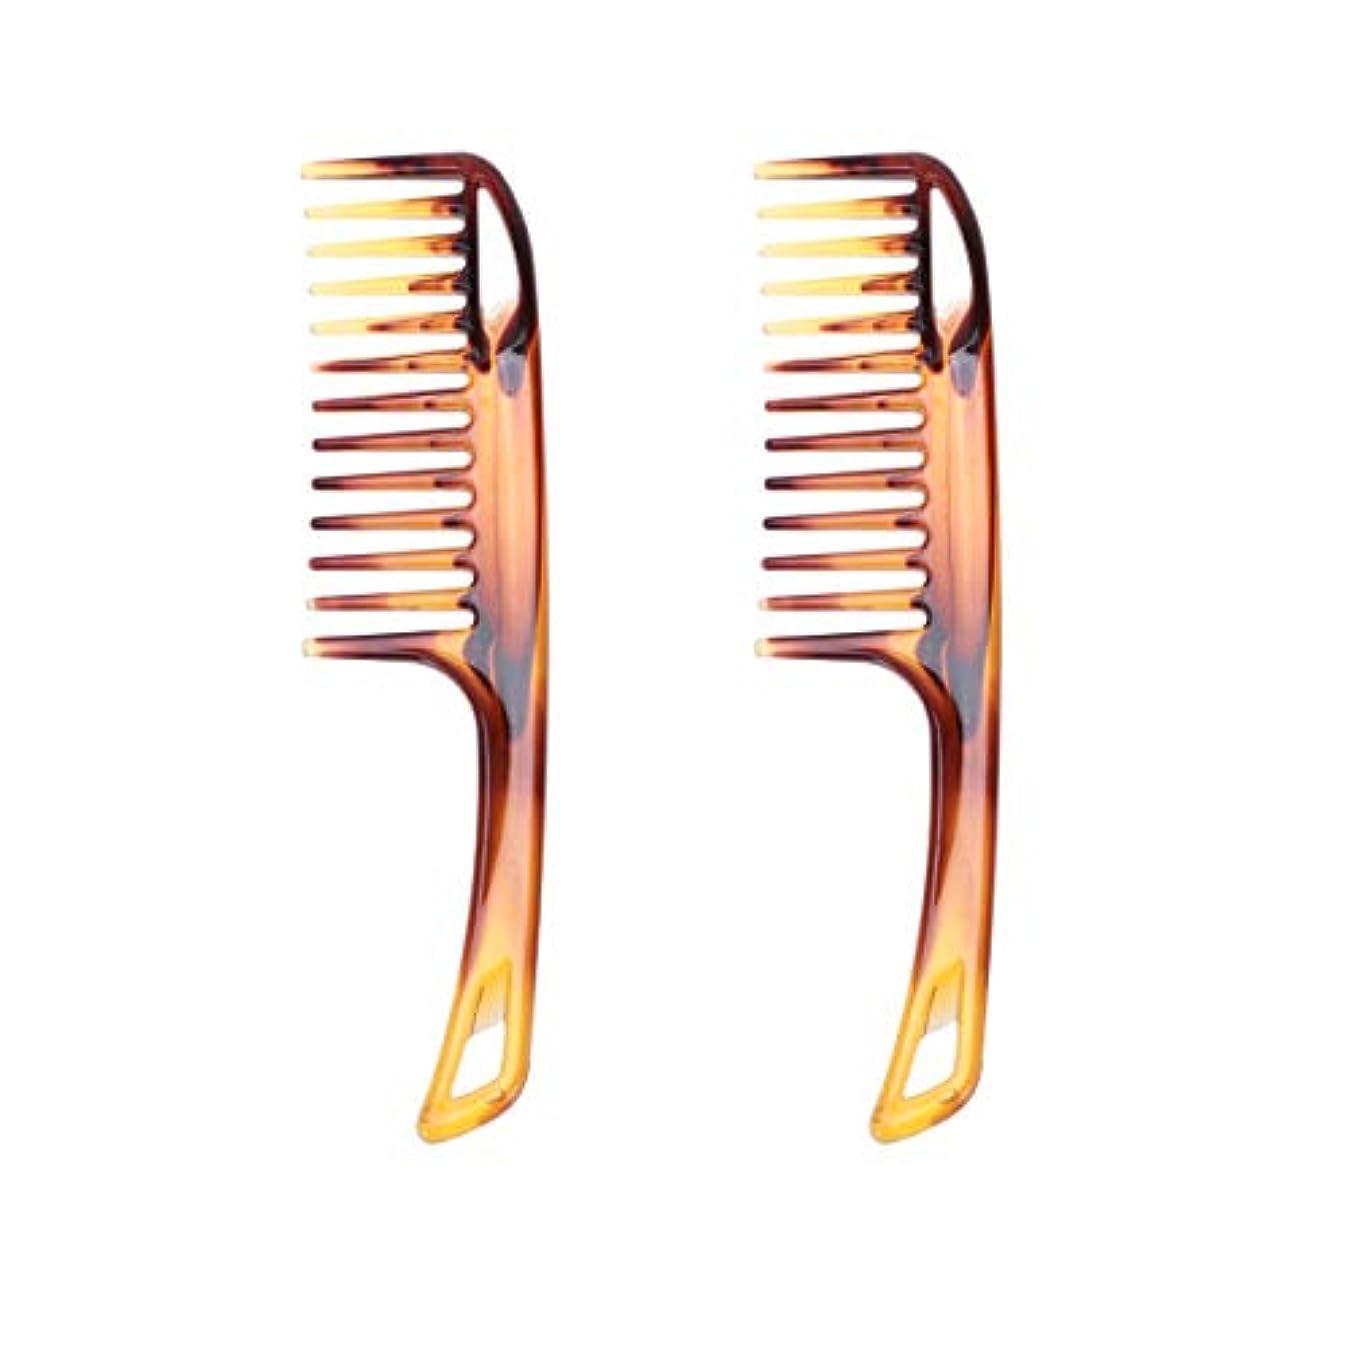 ミケランジェロ解く毛布Lurrose 2Pcs Long Handle Conditioning Rake Comb for Men Women Bathroom